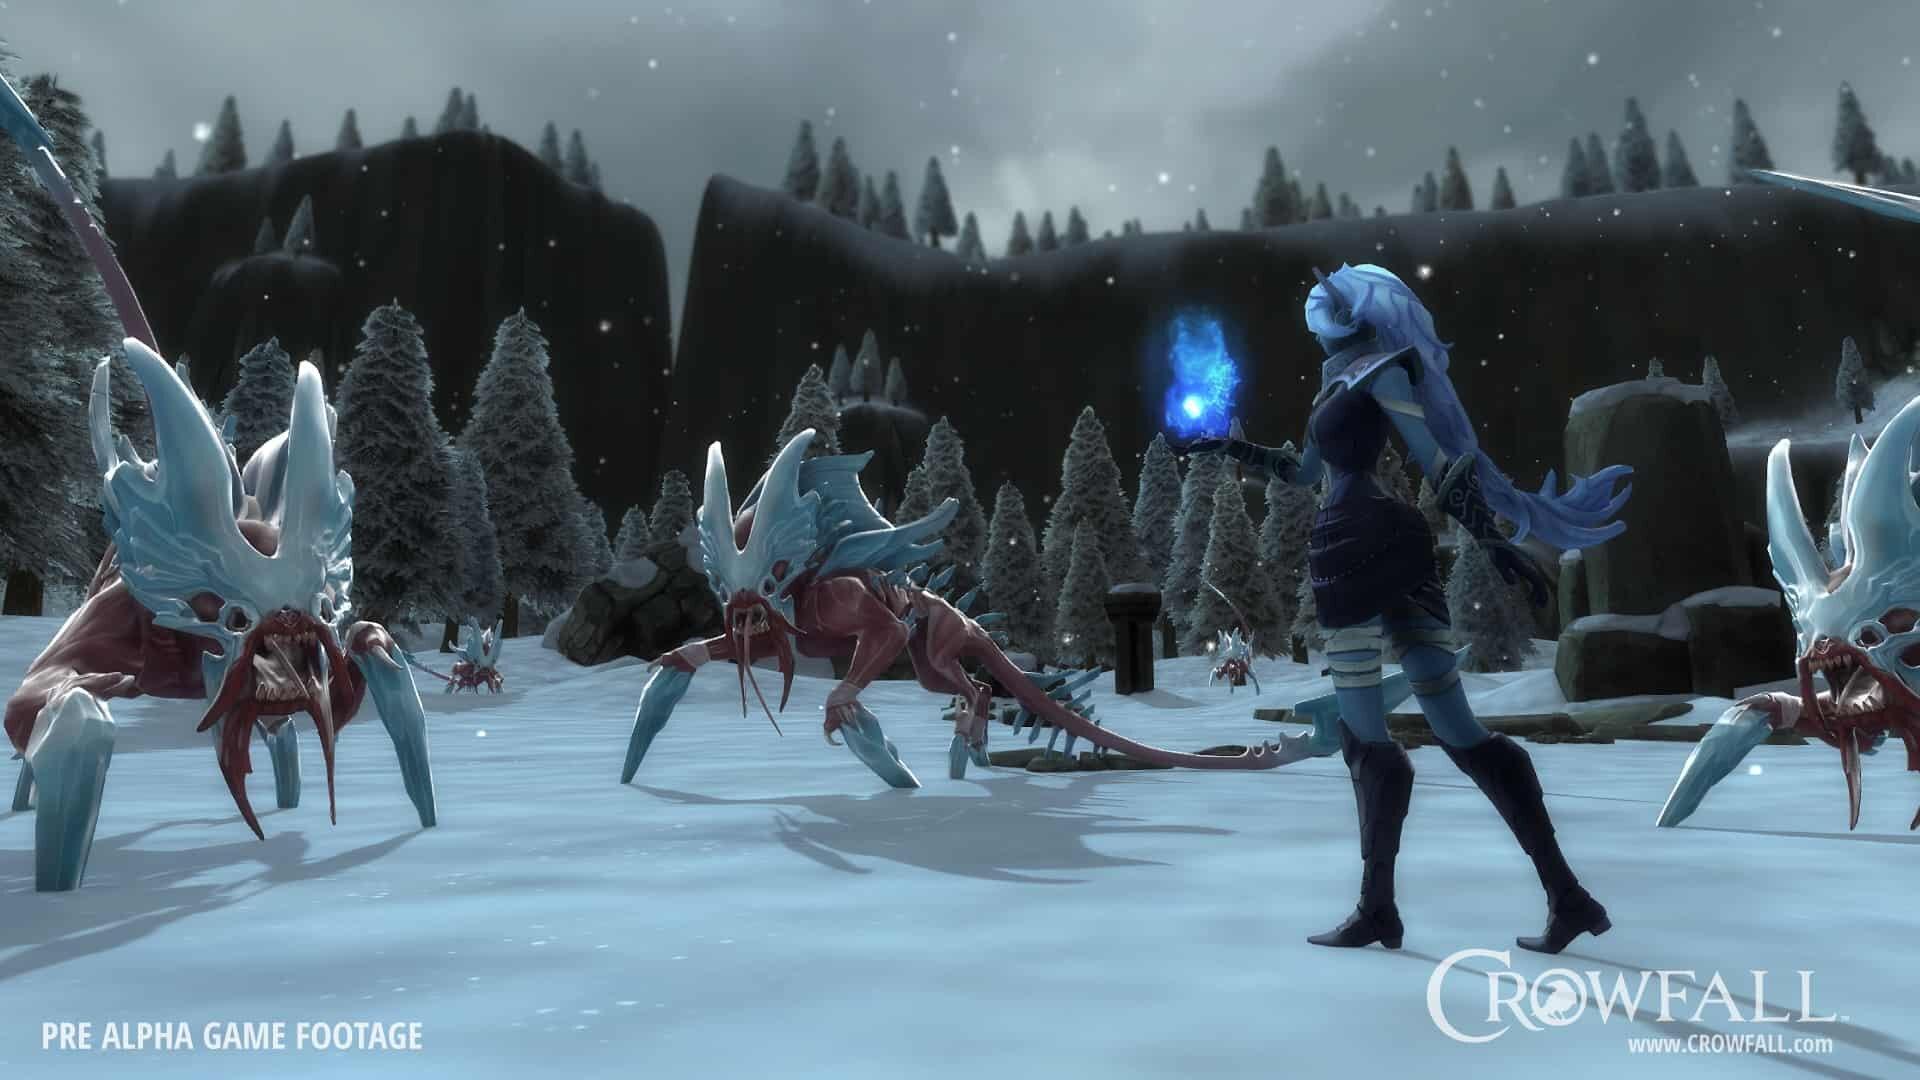 Crowfall MMORPG screenshot